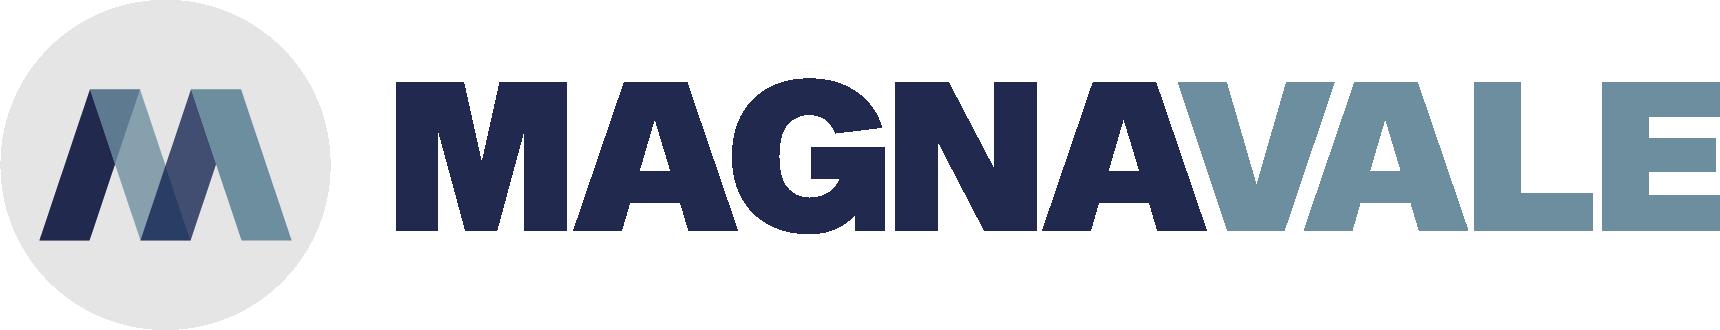 Magnavale